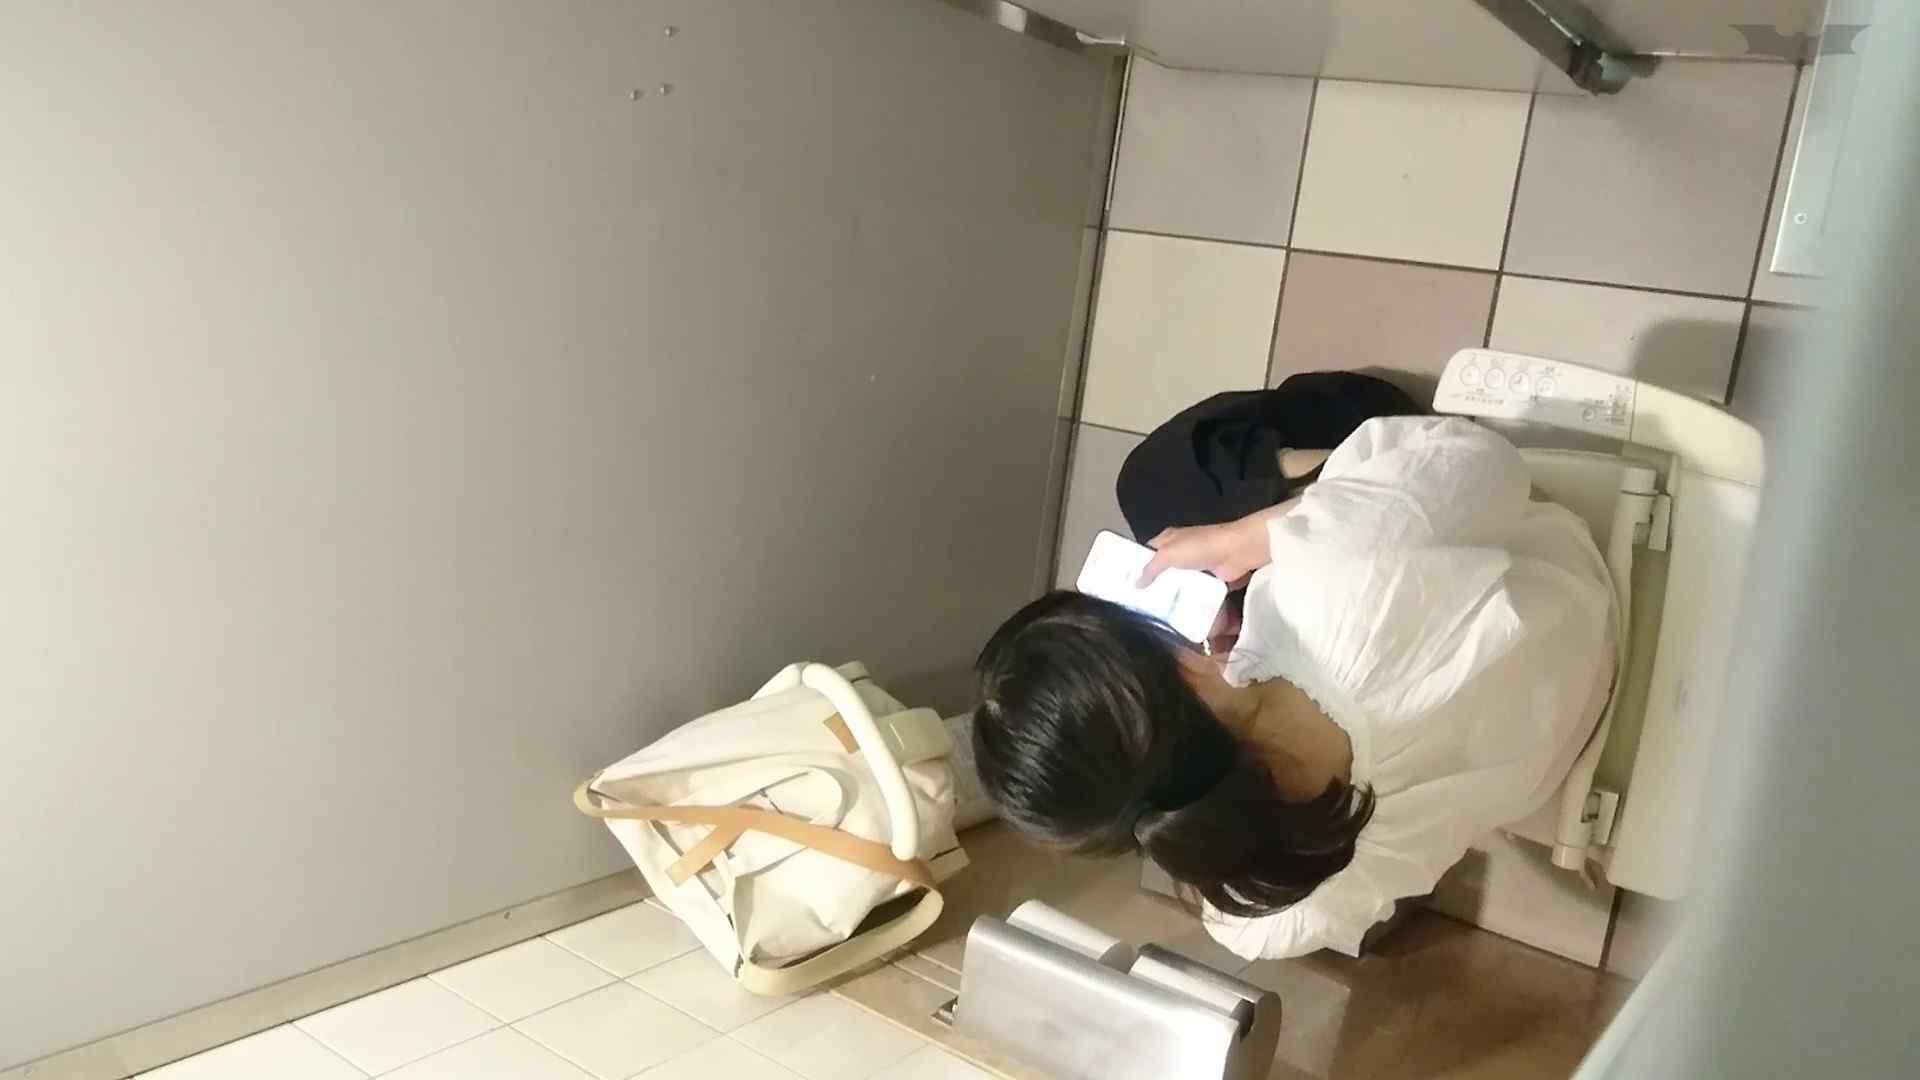 化粧室絵巻 ショッピングモール編 VOL.22 OL | 0  79連発 23